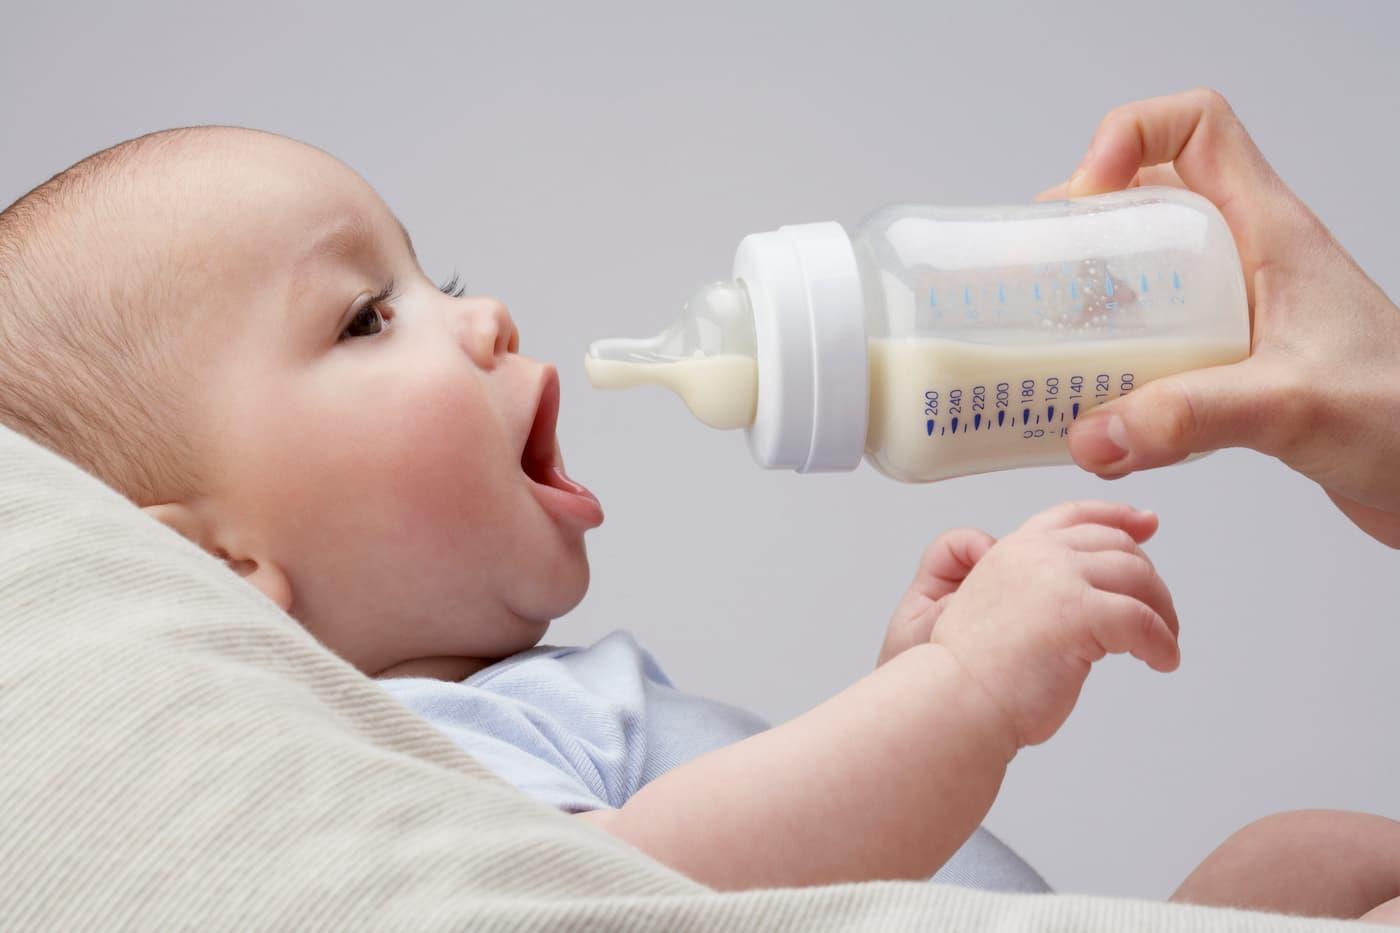 Πότε και πώς να αποστειρώνεις το μπουκάλι του μωρού σου